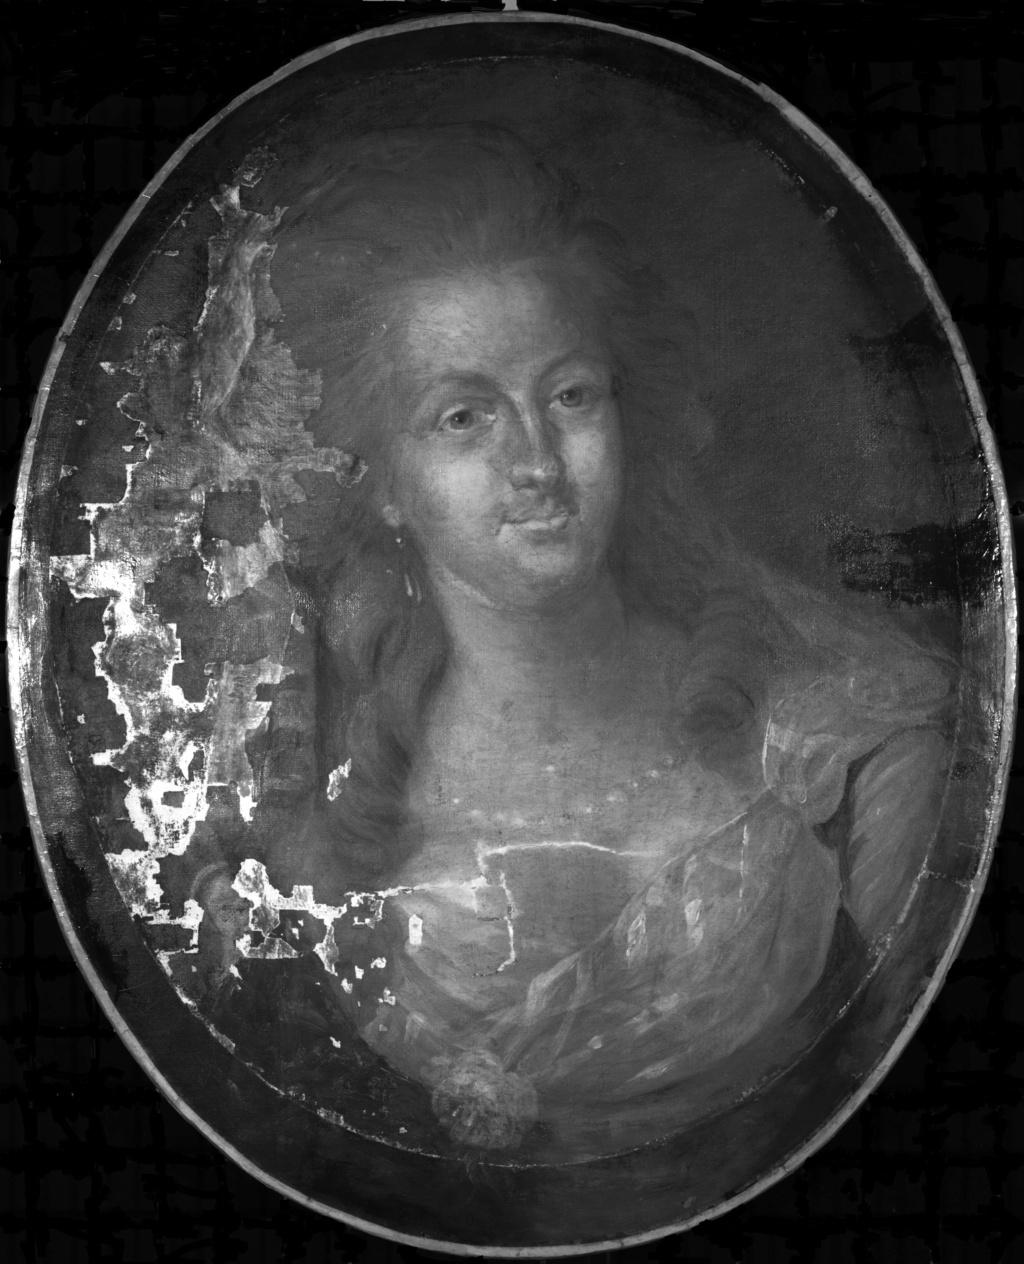 Enquête sur un tableau retrouvé de Marie-Antoinette attribué à Jean-Laurent Mosnier (vers 1776) - Page 3 Portra11